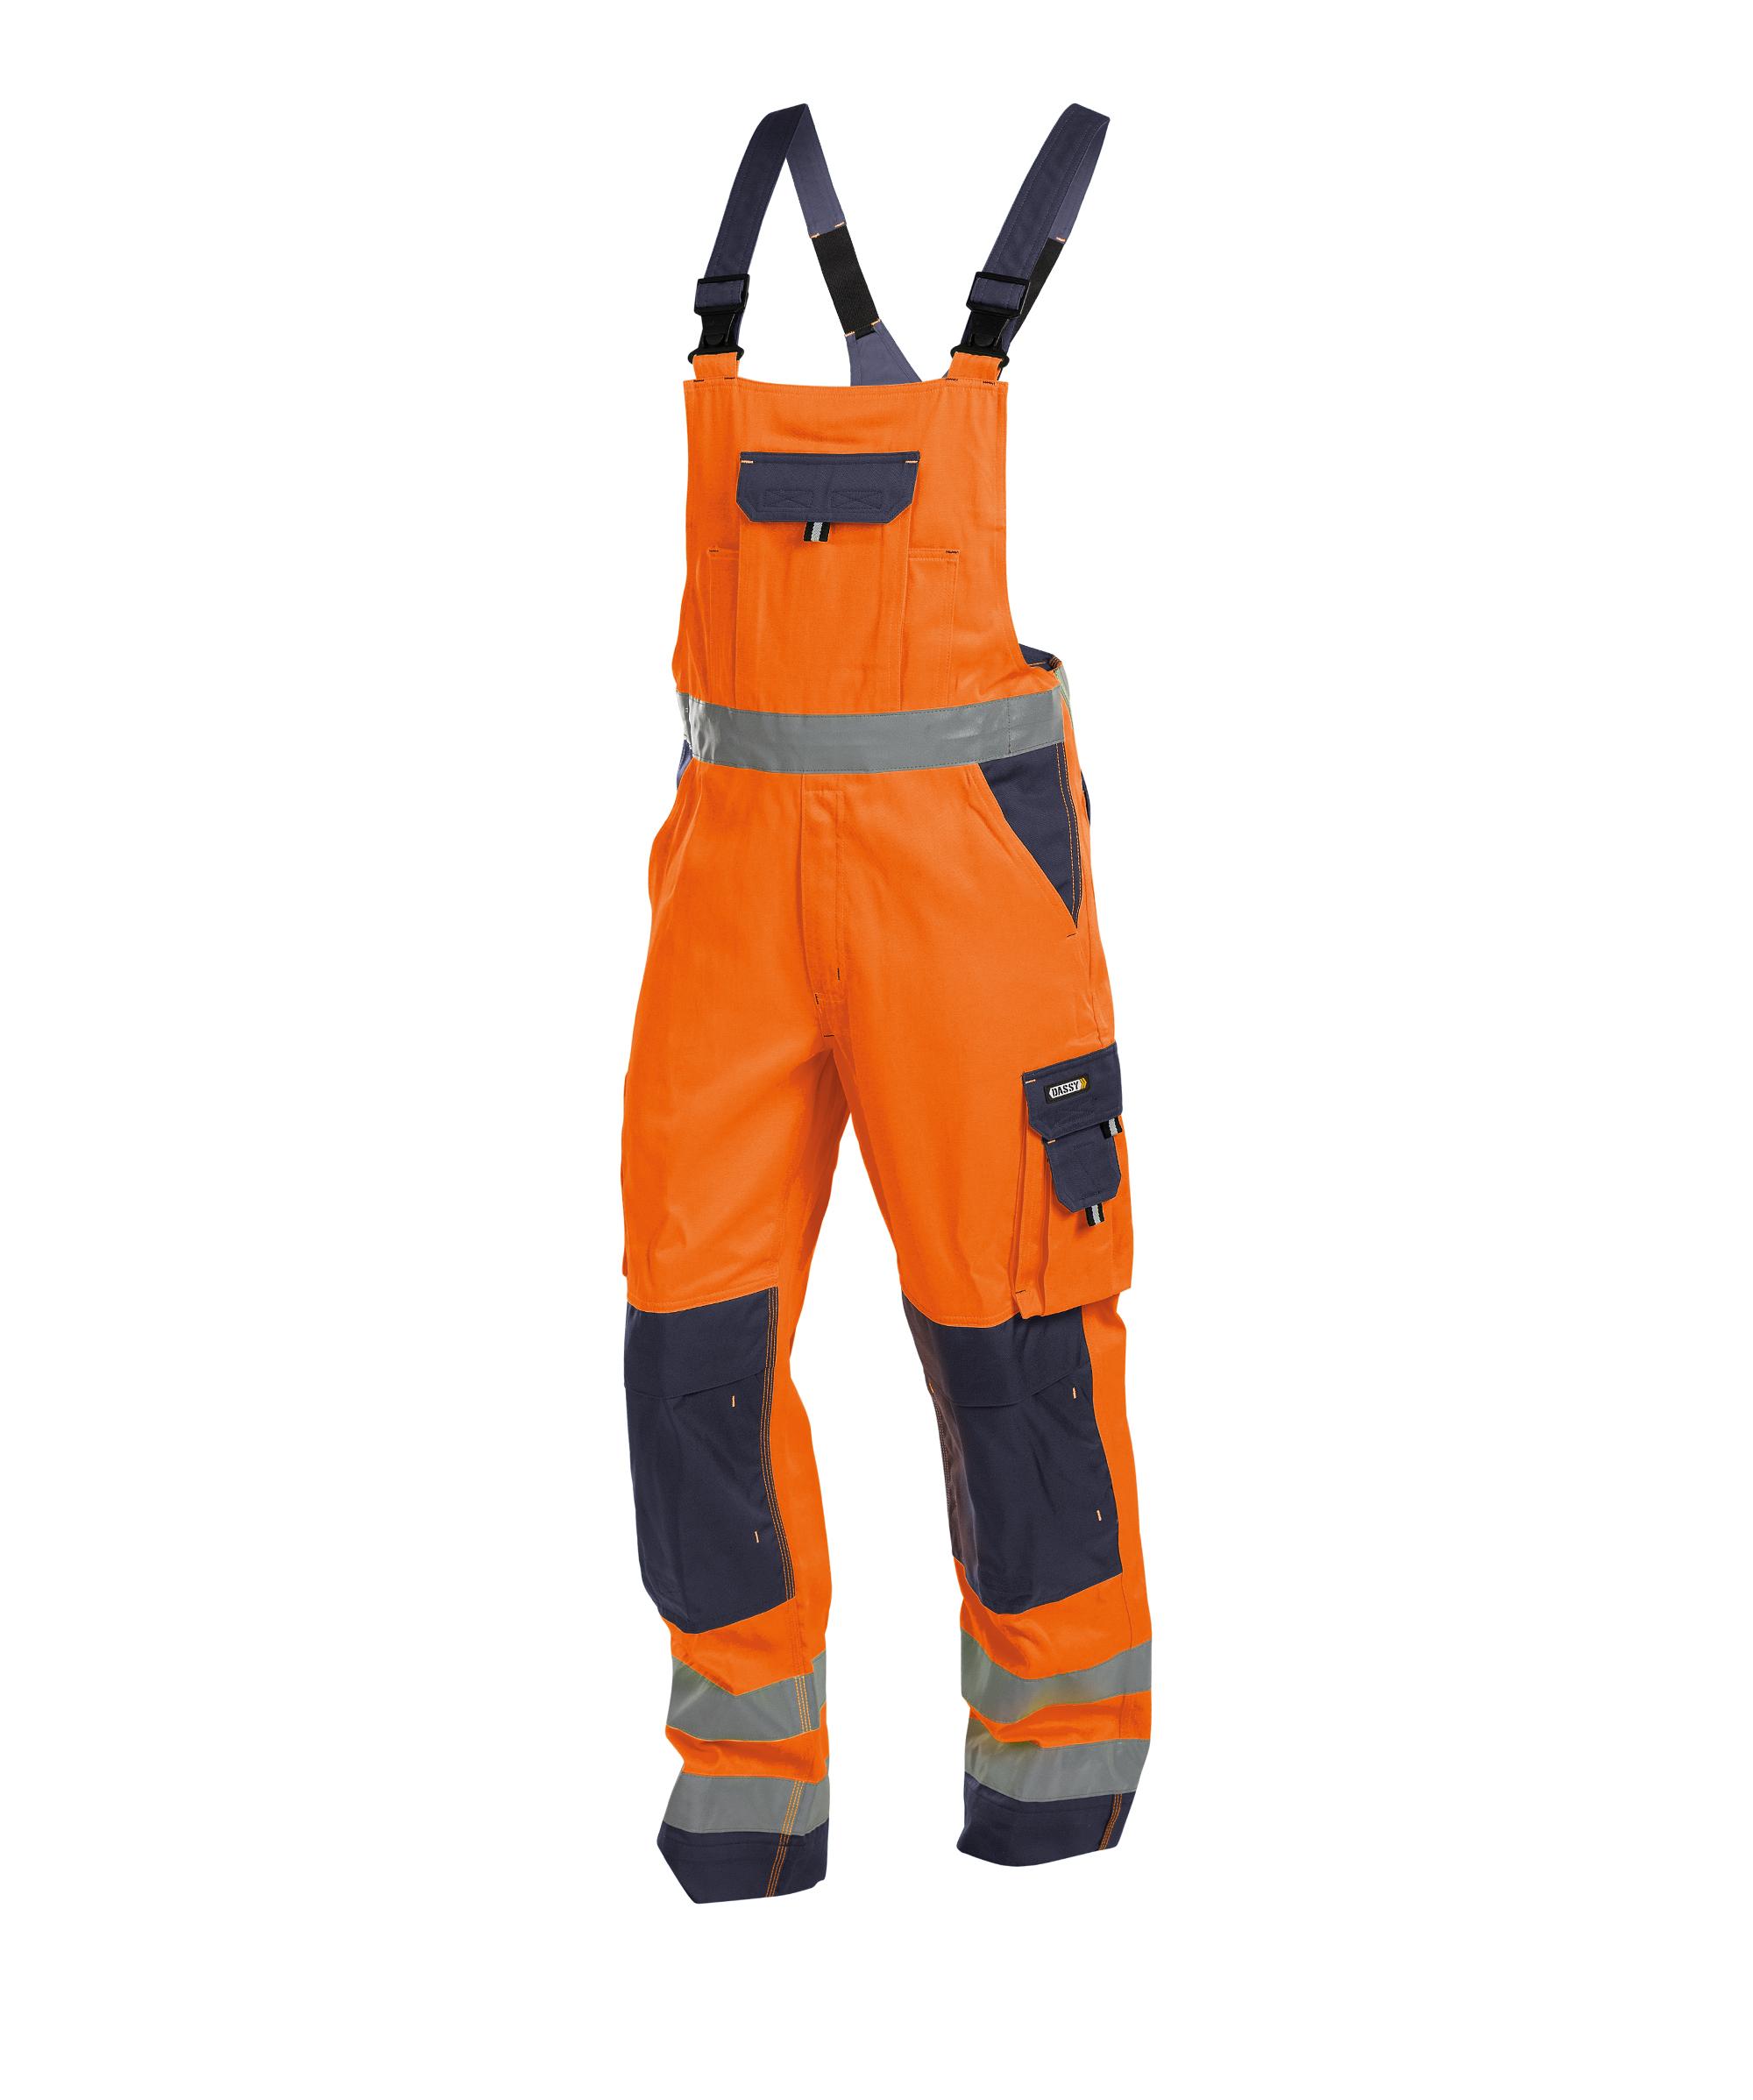 Dassy, Toulouse Warnschutz Latzhose mit Kniepolstertaschen 400127